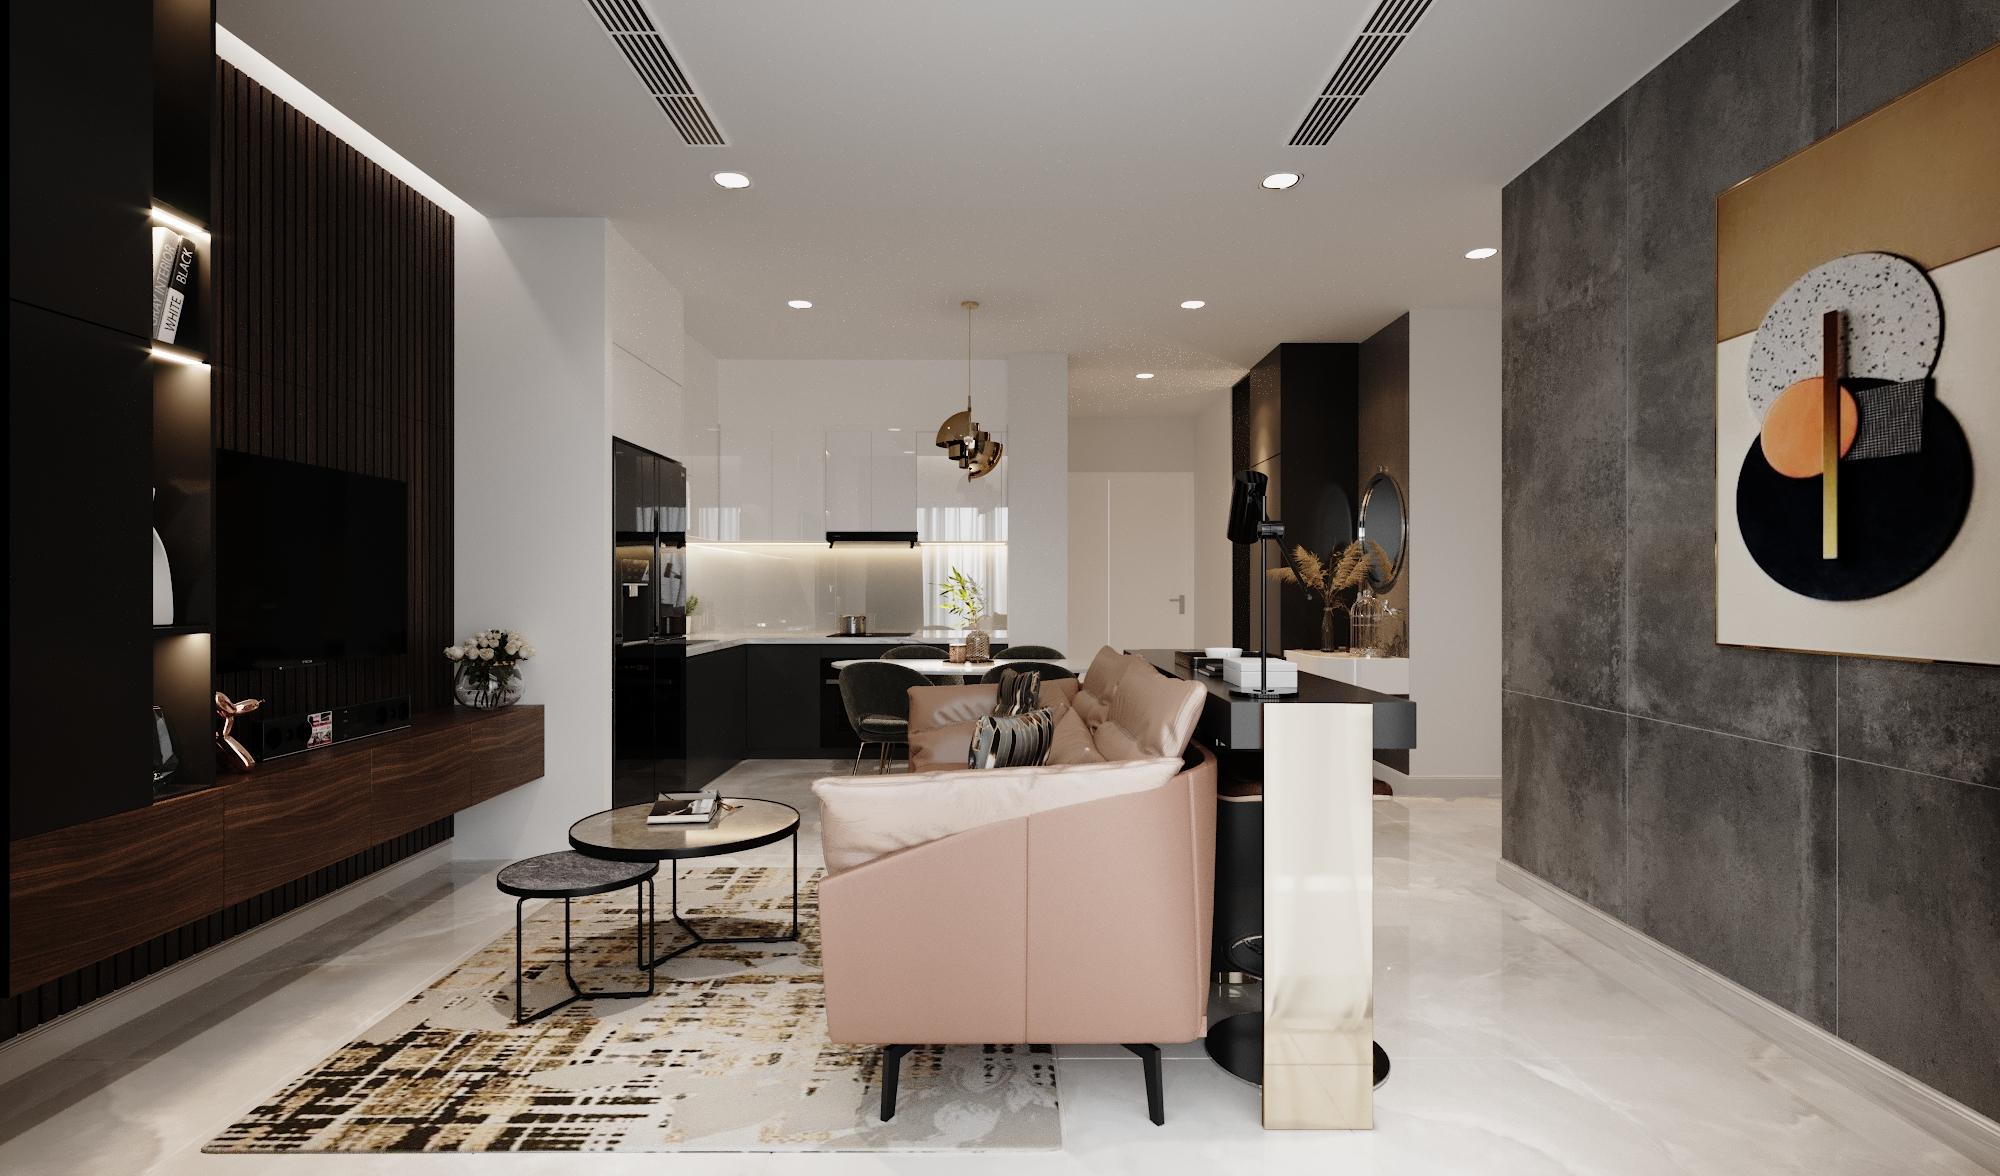 Thiết kế nội thất Chung Cư tại Hồ Chí Minh Vinhomes Bason 1575023164 0